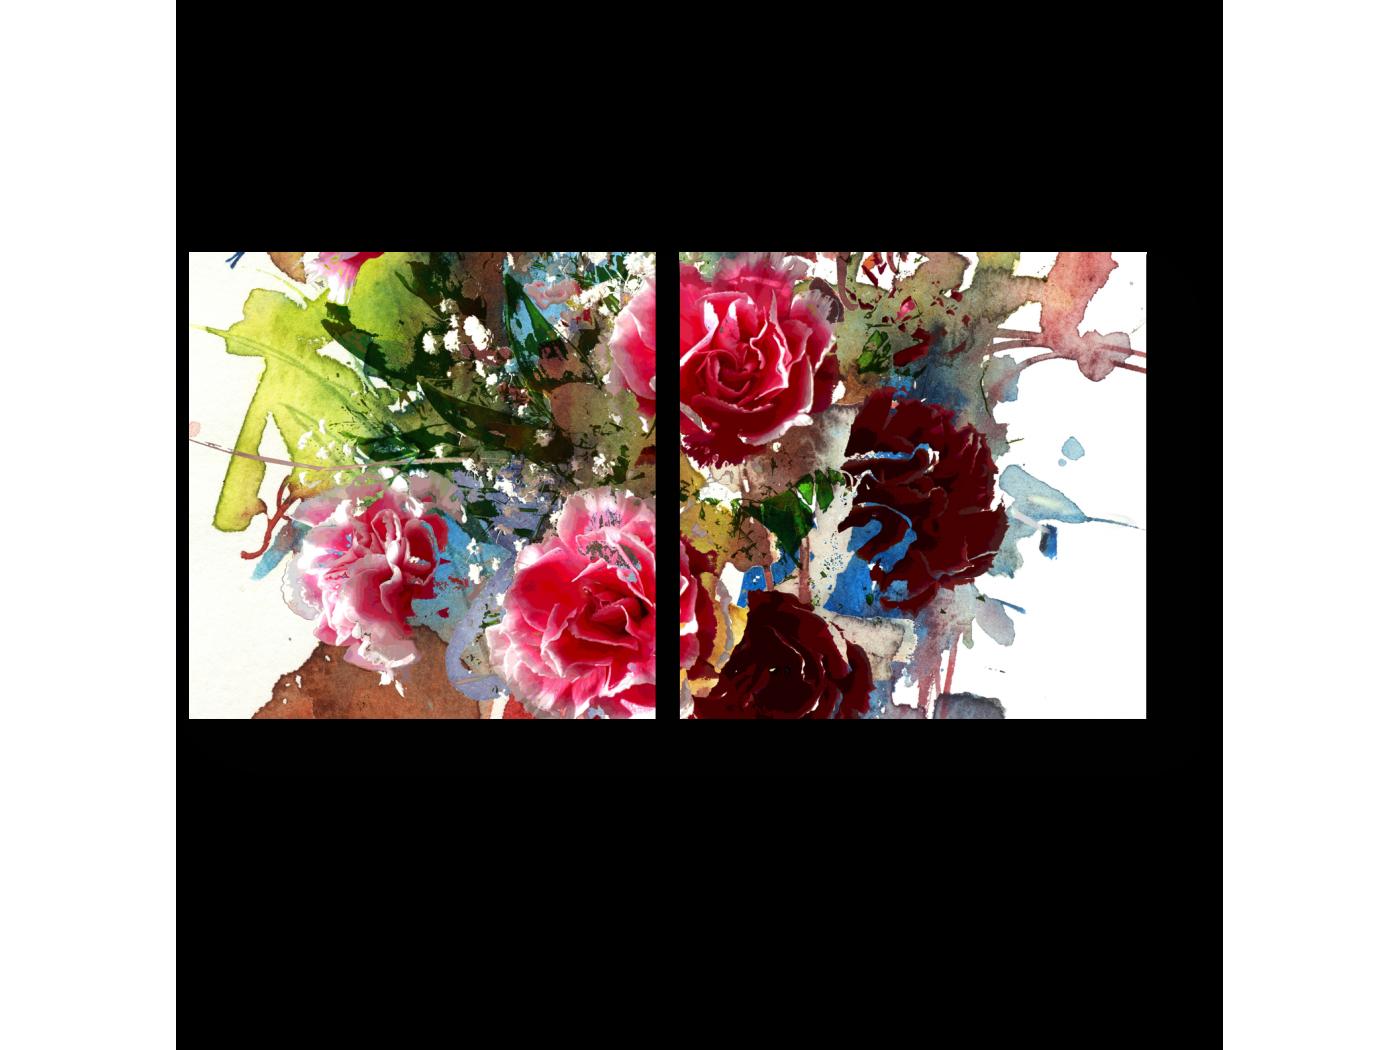 Модульная картина Букет из роз (40x20) фото